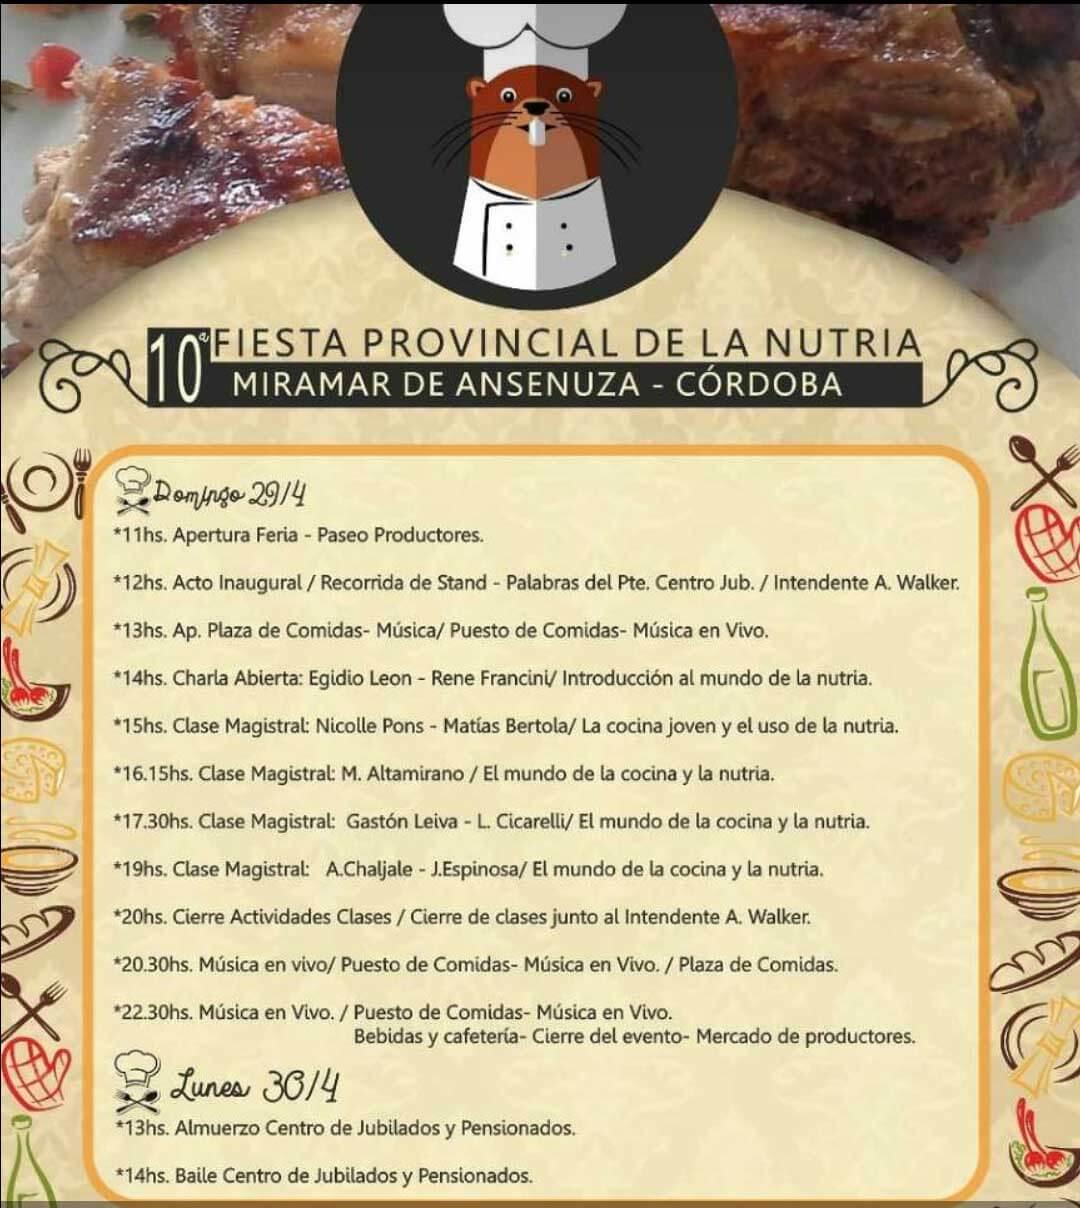 Fiesta Provincial de la Nutria en Miramar